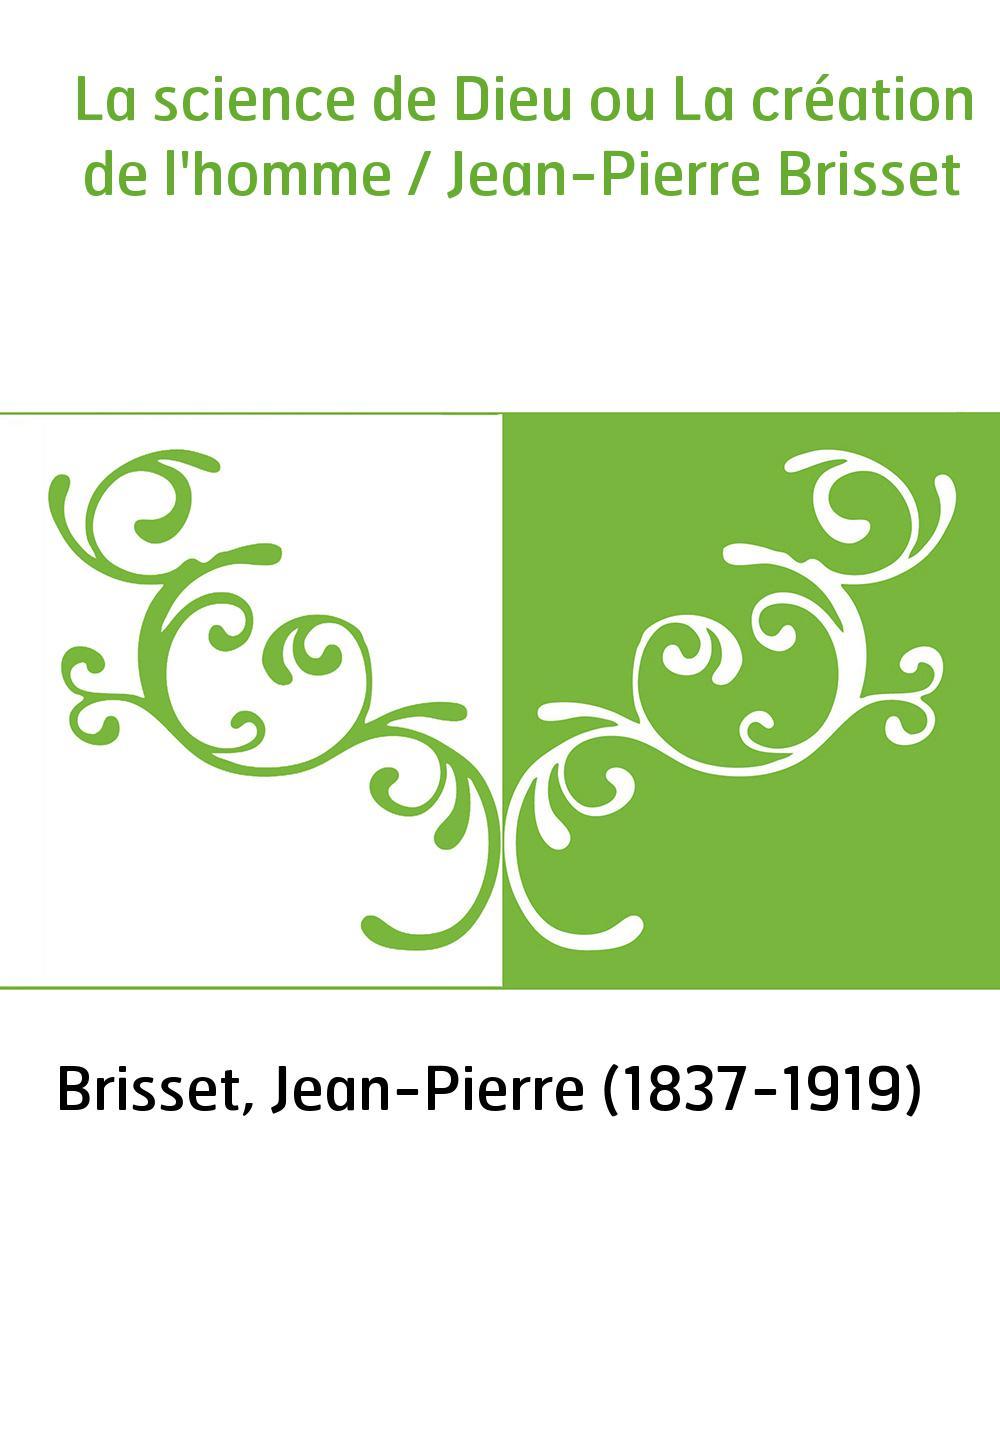 La science de Dieu ou La création de l'homme / Jean-Pierre Brisset